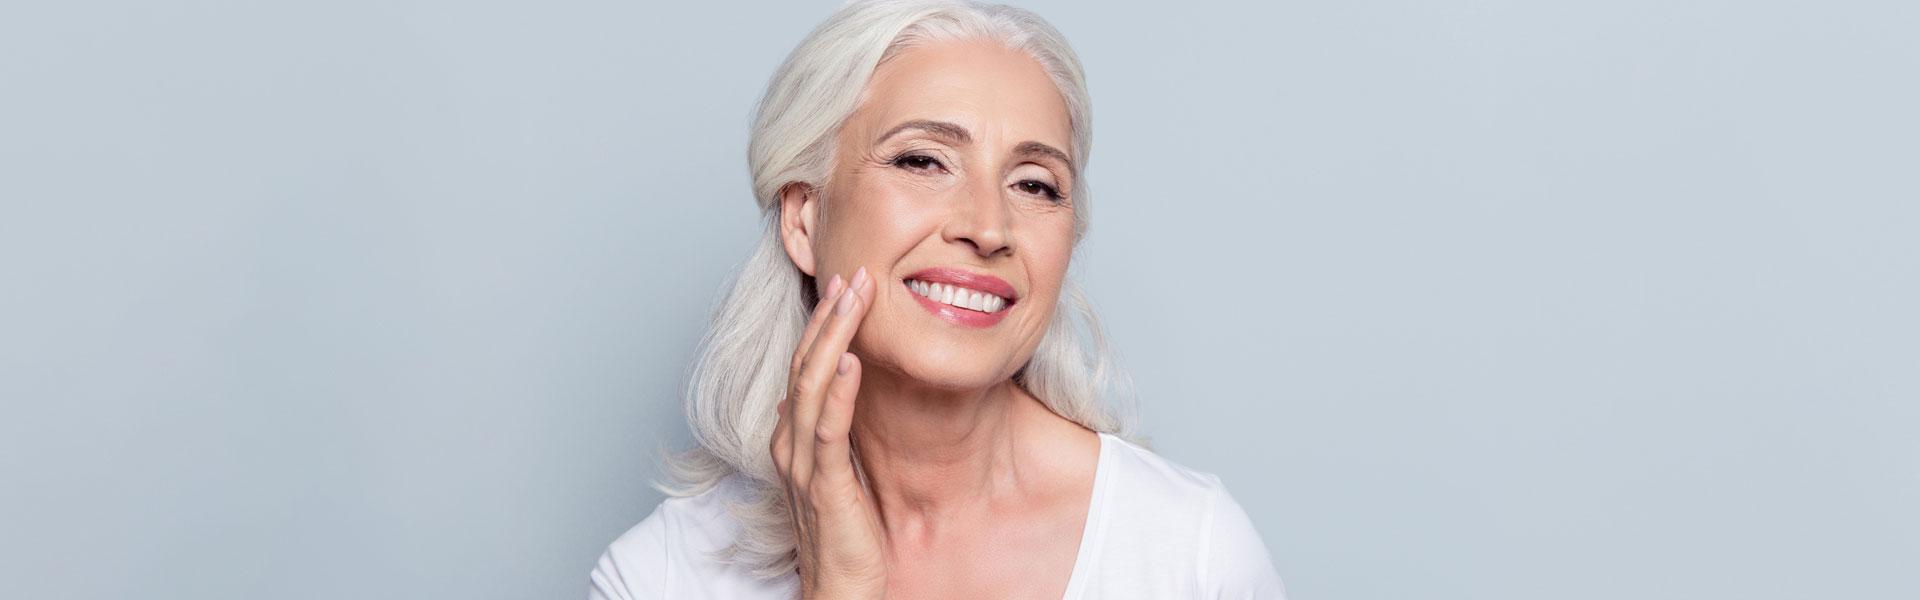 Dental Implants in Etobicoke, ON